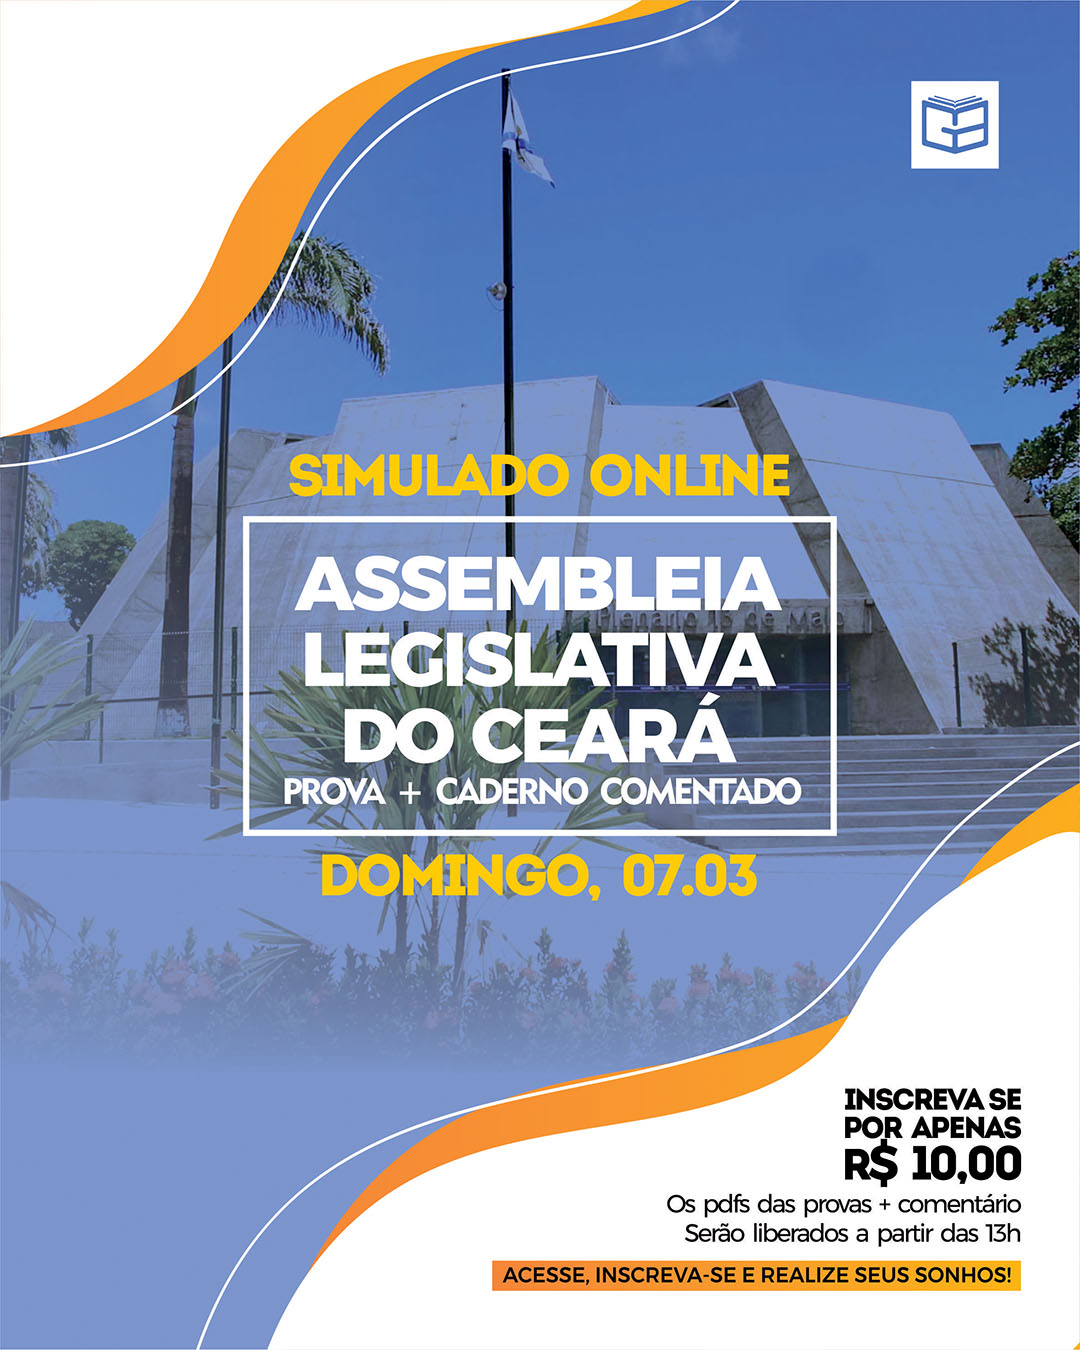 1° SIMULADO ONLINE ASSEMBLEIA LEGISLATIVA (2021) - EM PDF